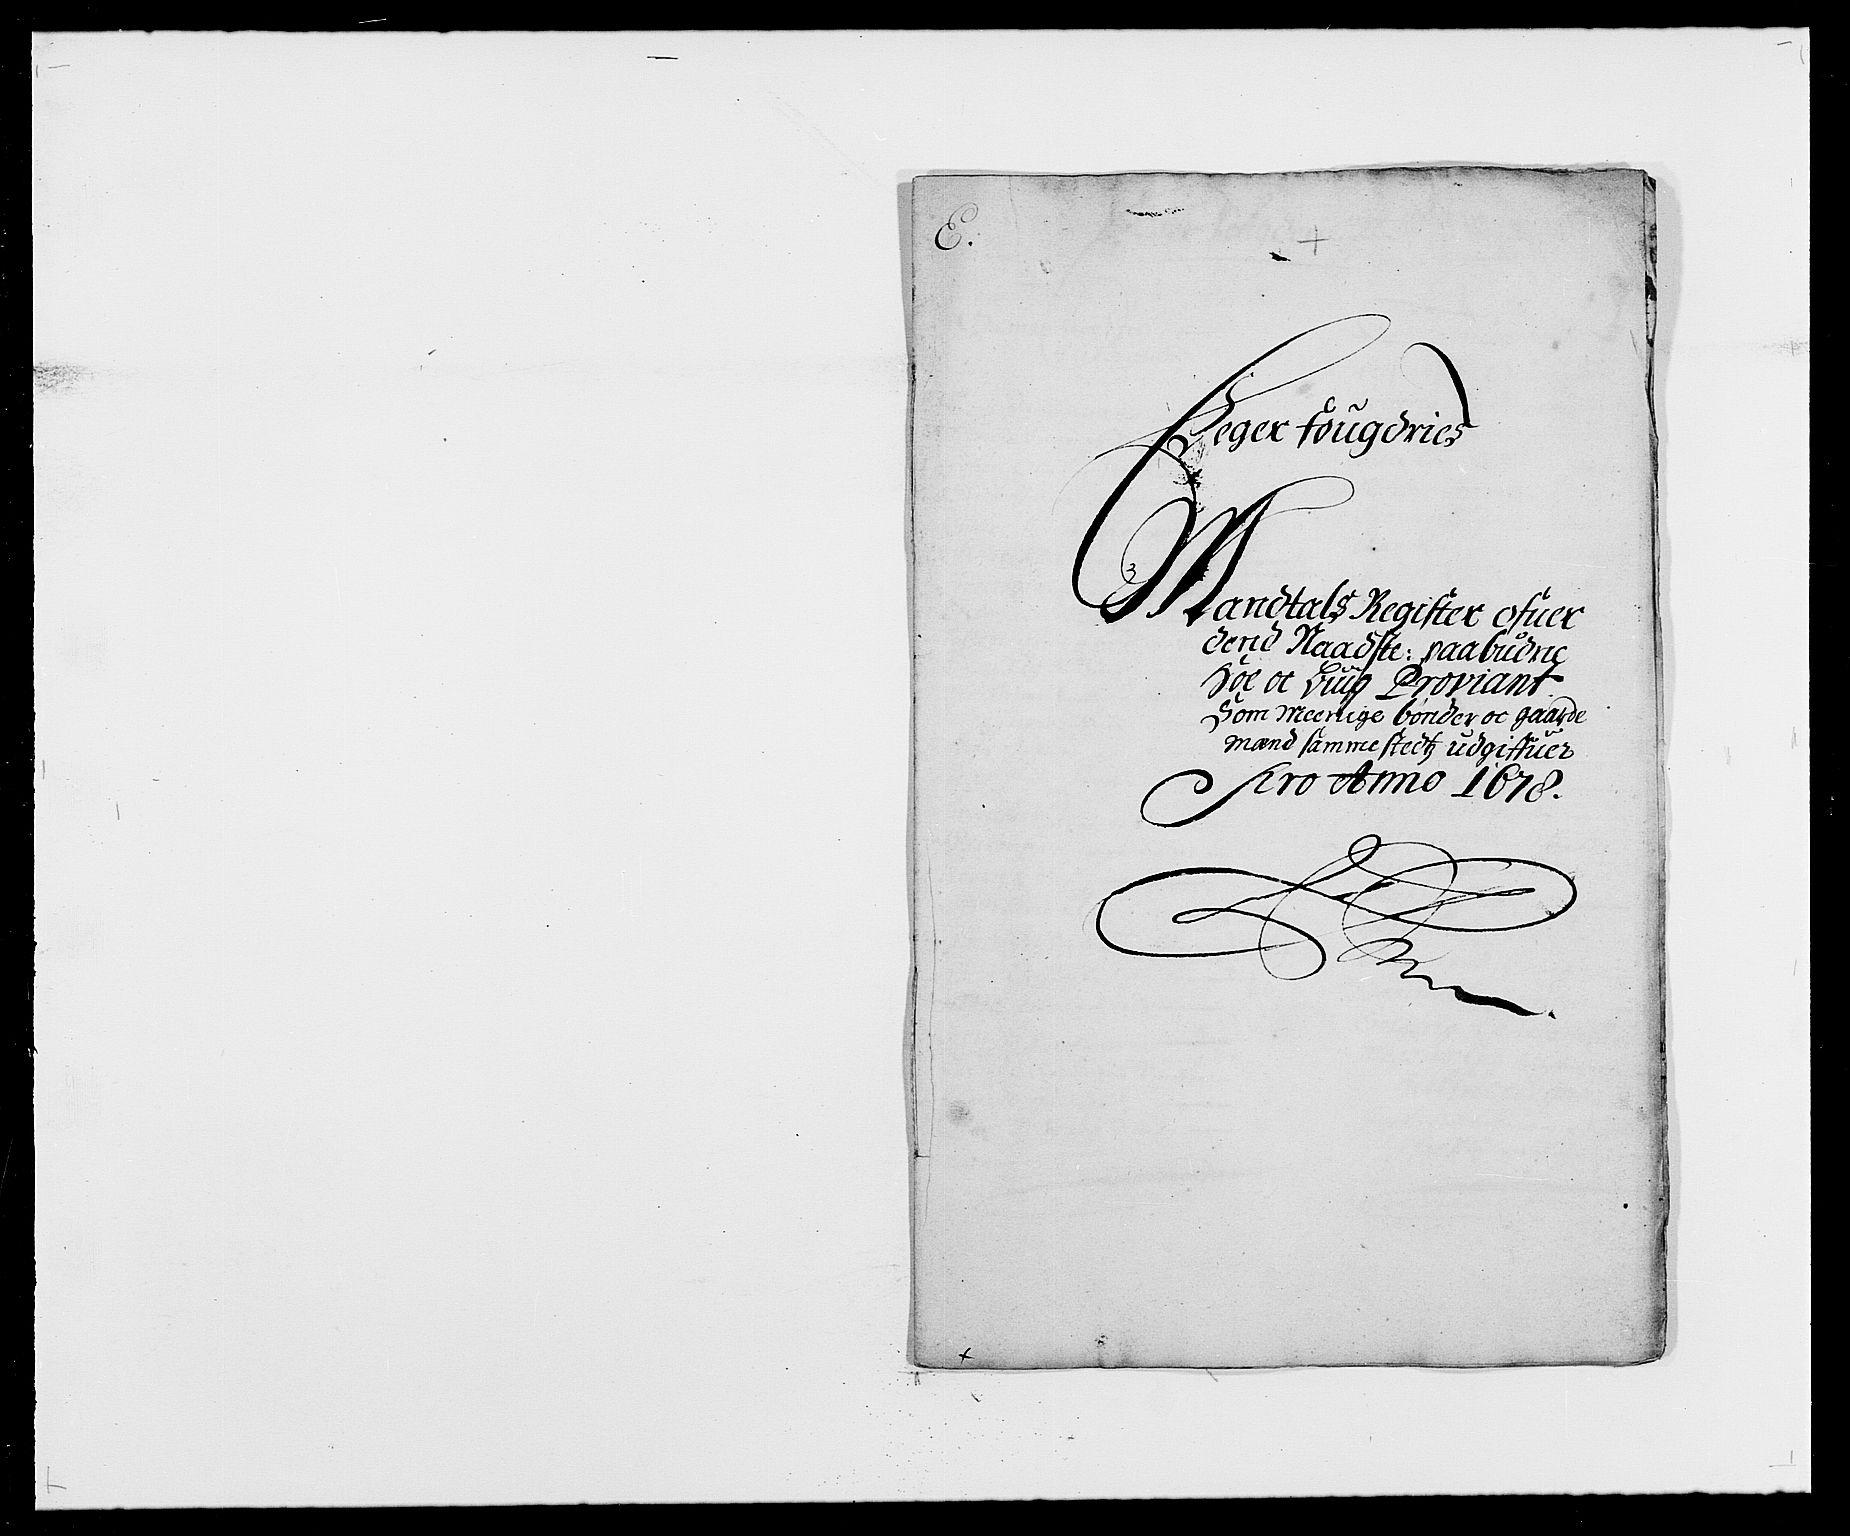 RA, Rentekammeret inntil 1814, Reviderte regnskaper, Fogderegnskap, R26/L1683: Fogderegnskap Eiker, 1678, s. 55